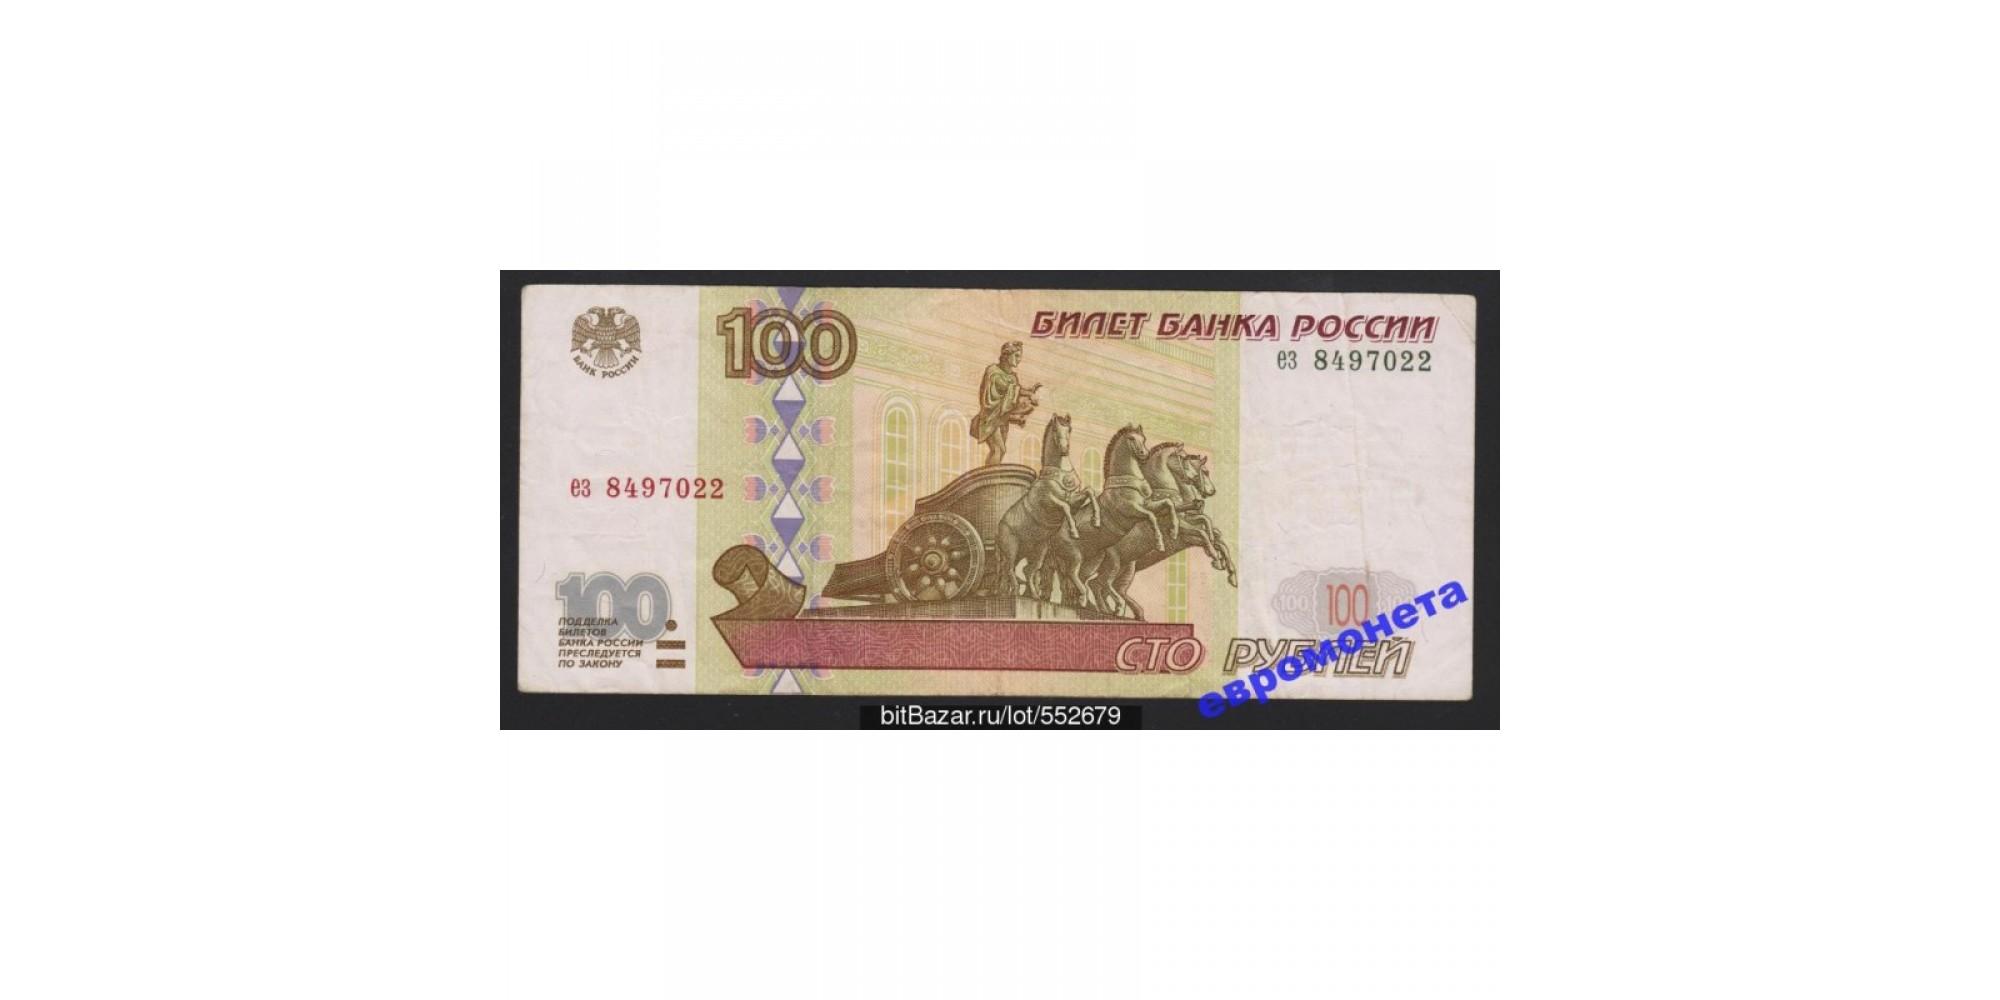 Россия 100 рублей 1997 год без модификации серия ез 8497022